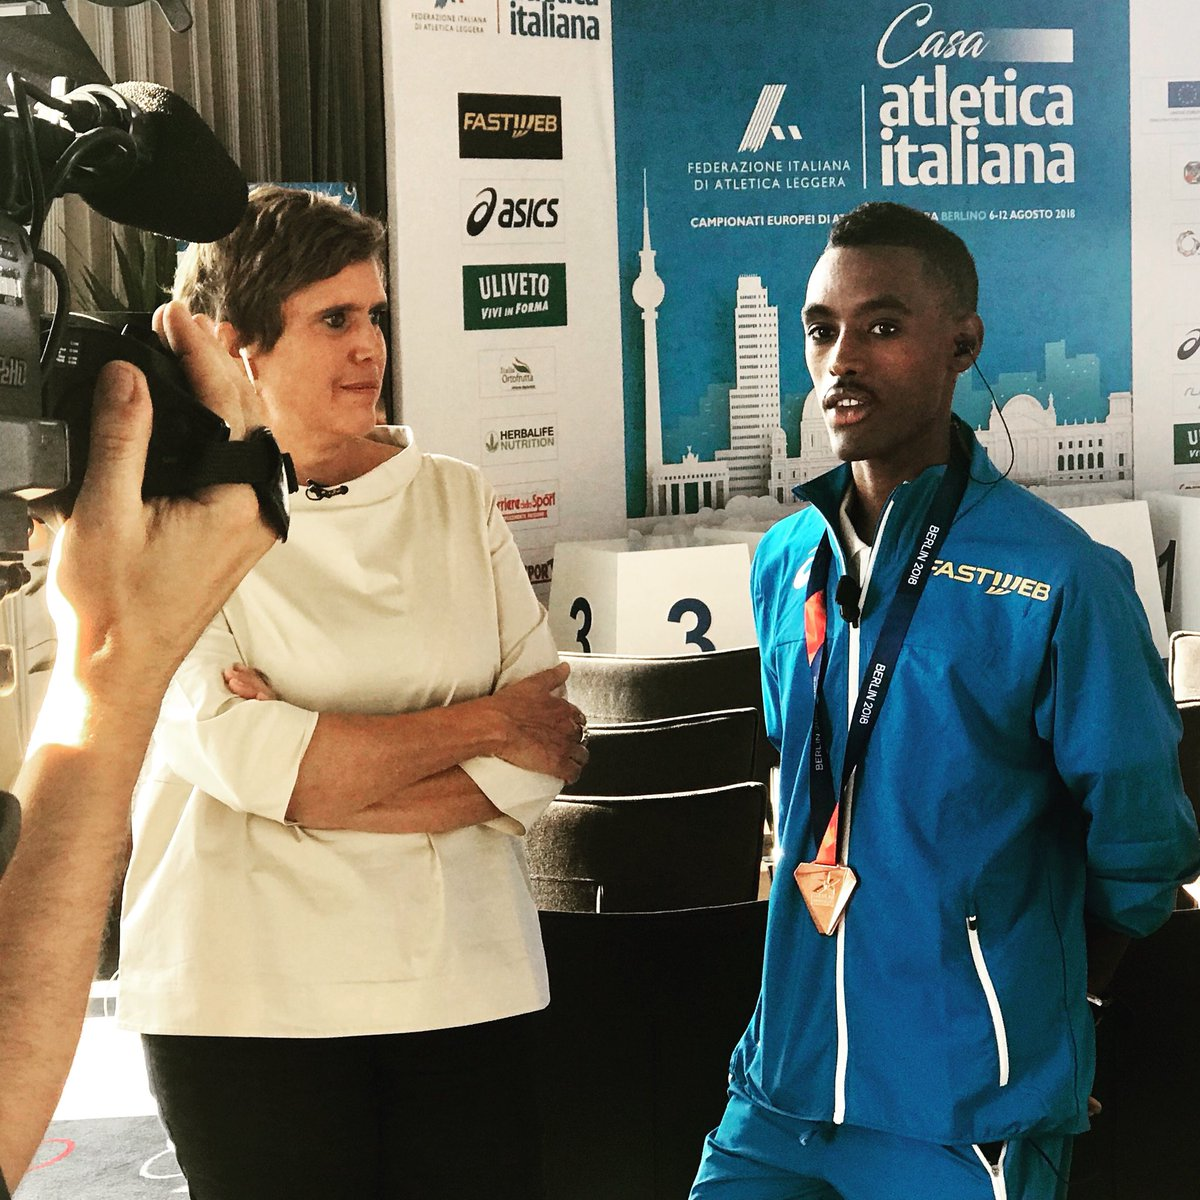 #atletica il bronzo europeo dei 3000 metri Yohanes #Chiappinelli in DIRETTA su @RaiUno a La vita in diretta in diretta da @casatletica #Berlin2018  - Ukustom